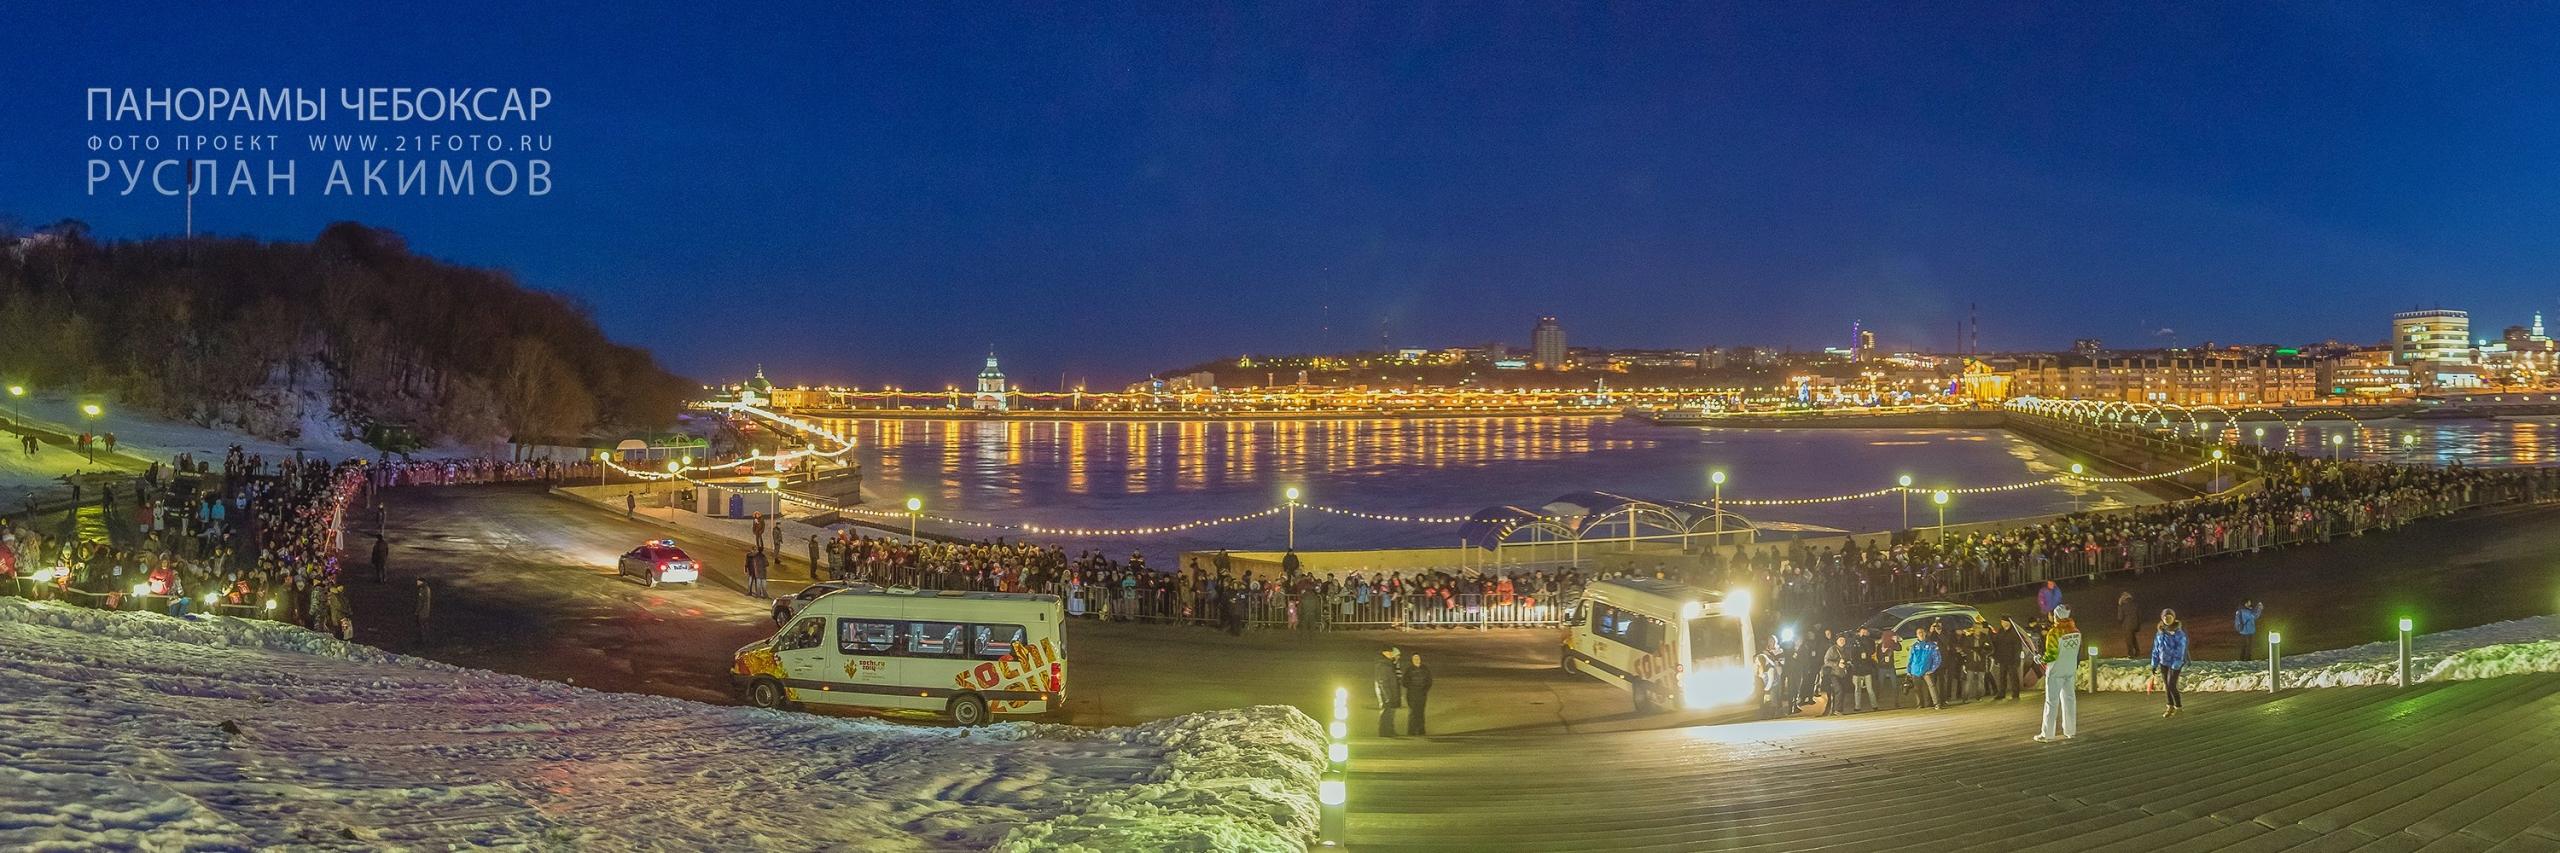 Олимпийский огонь около Чебоксарского залива